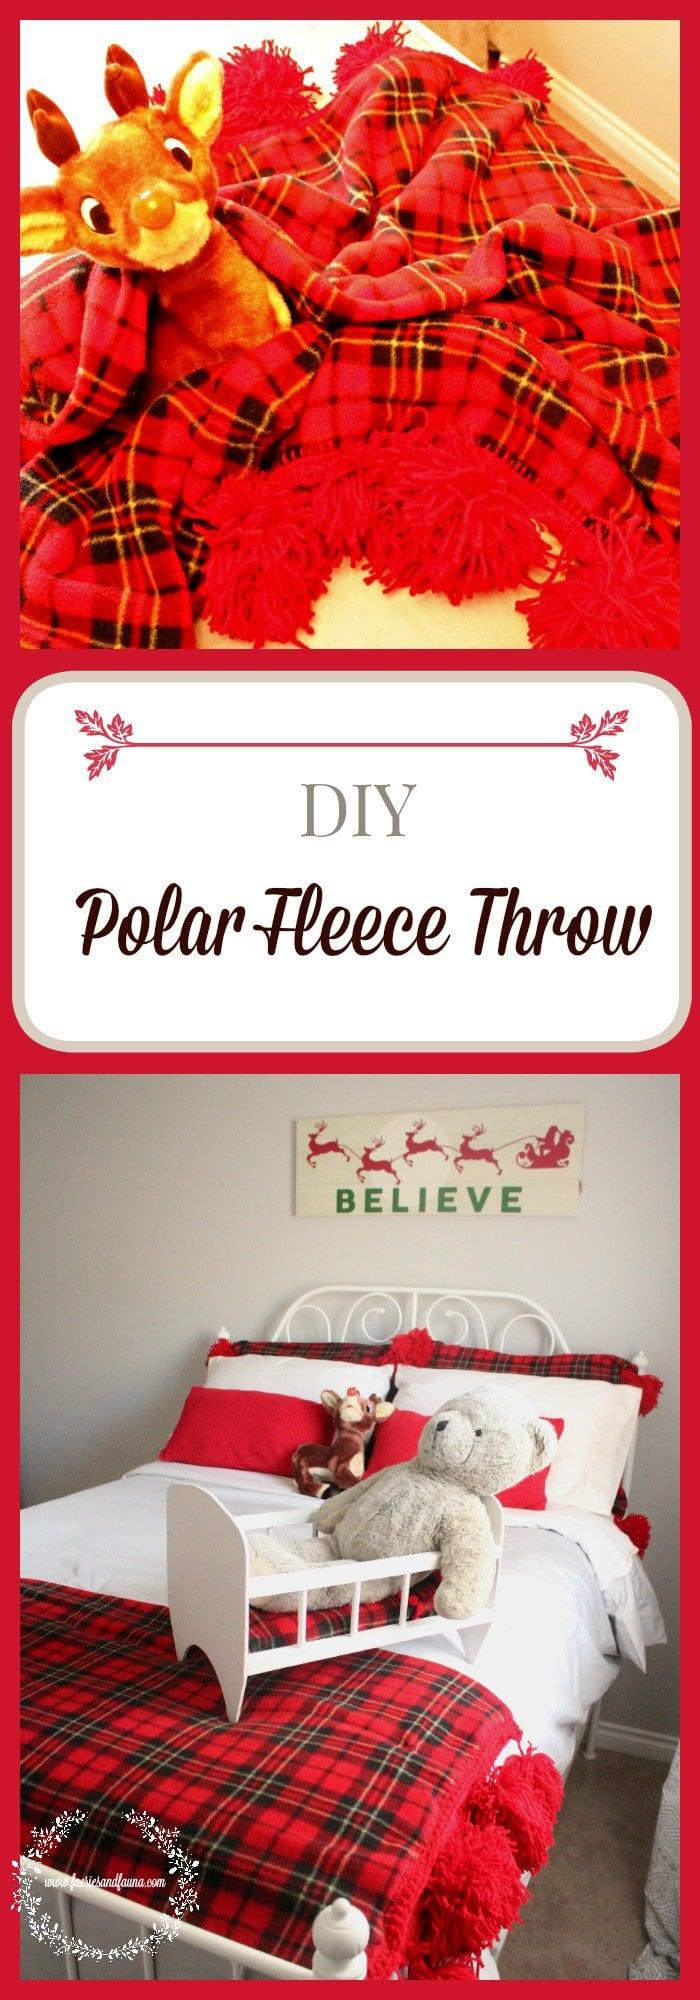 A festive and warm diy fleece throw